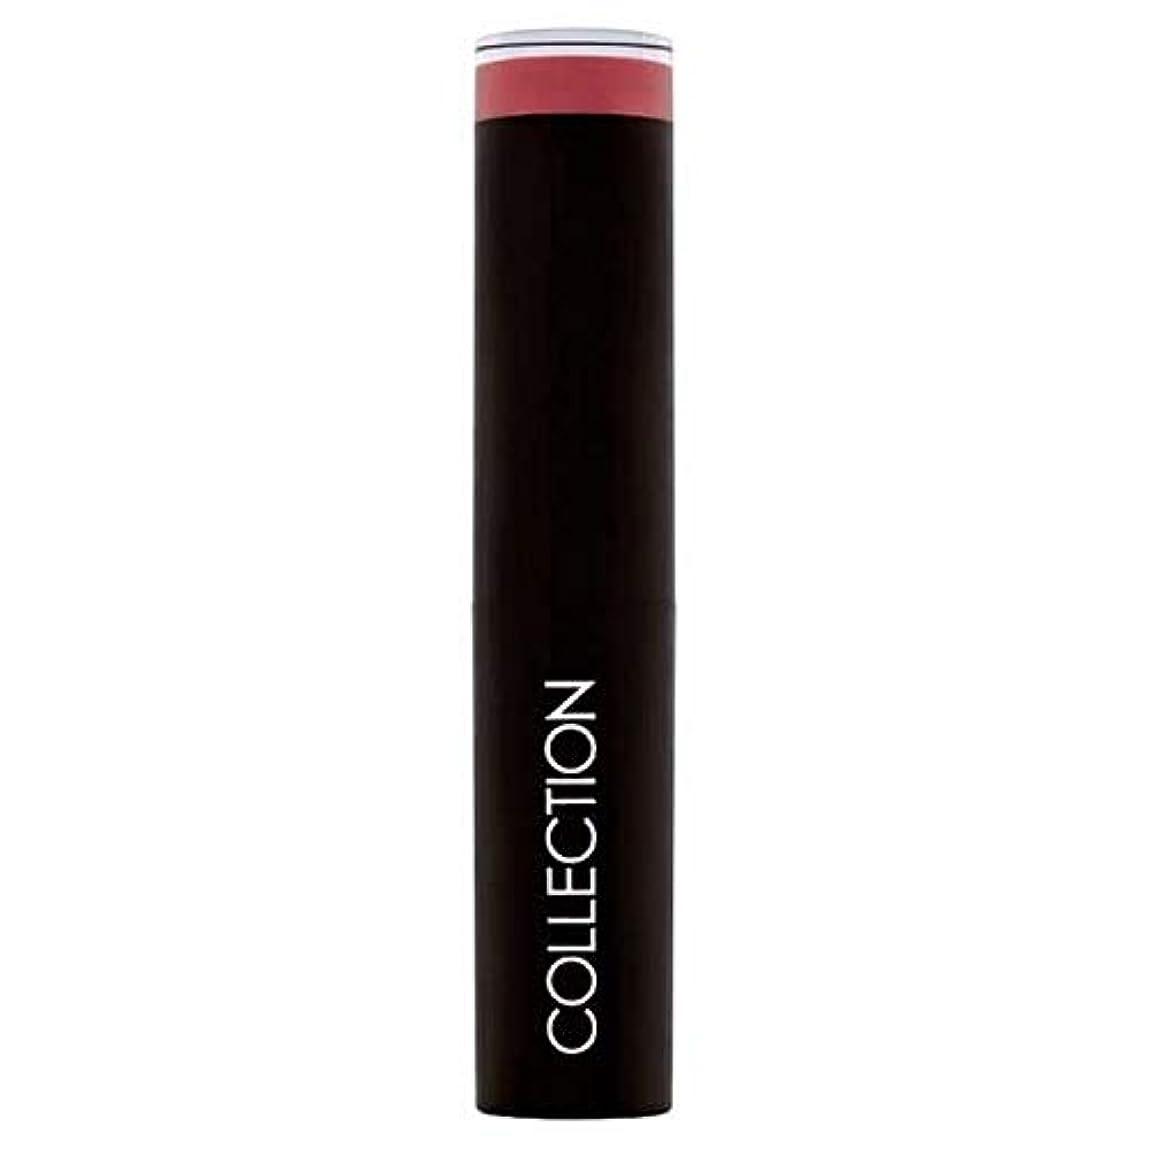 巡礼者市の花熱[Collection ] コレクション強烈な輝きゲル口紅破砕梅3 - Collection Intense Shine Gel Lipstick Crushed Plum 3 [並行輸入品]